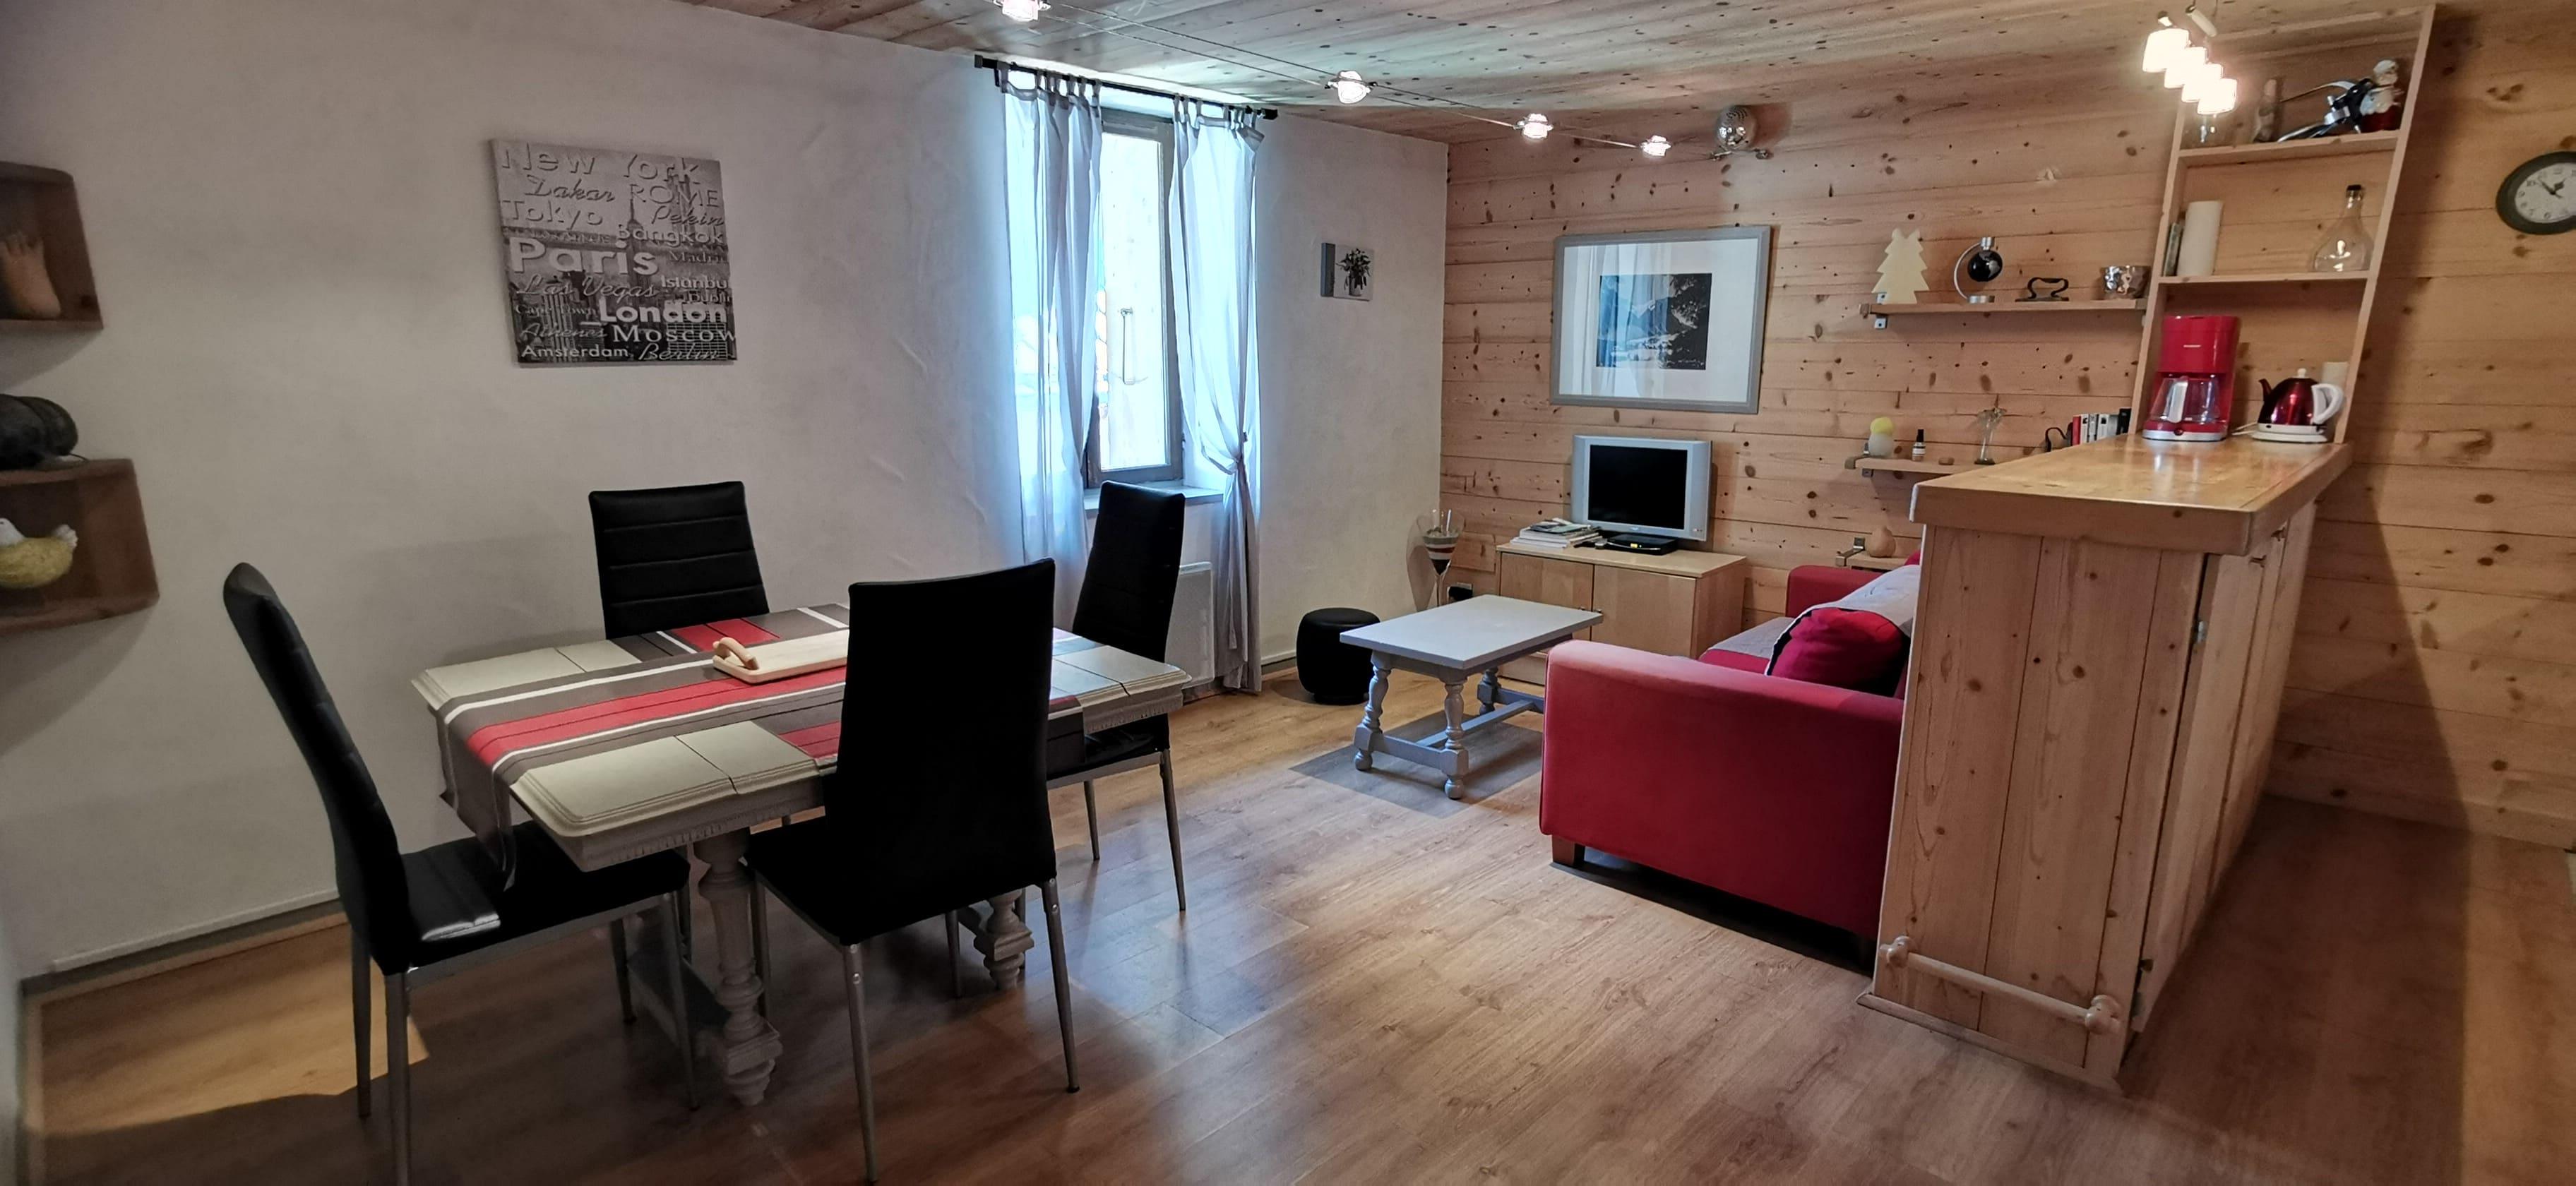 2 room apartment 41 m² resort center